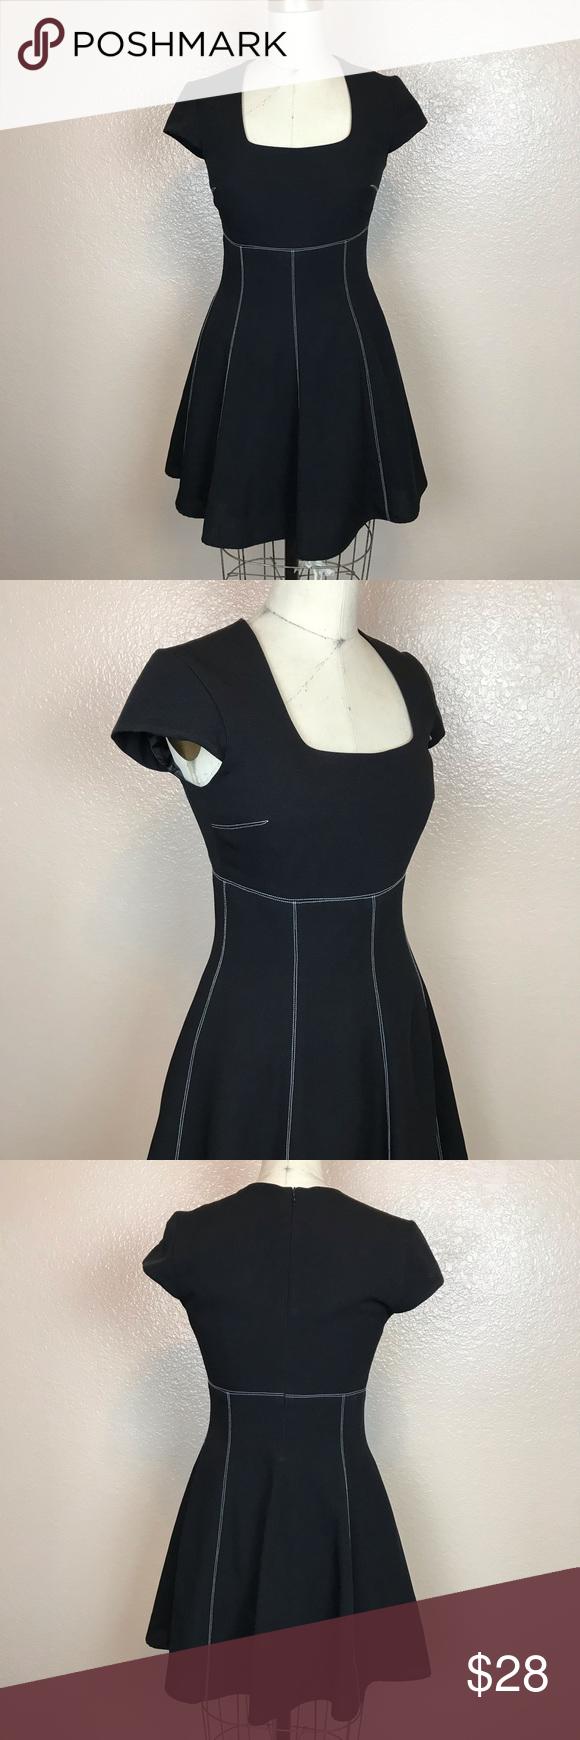 Vintage Saelee Little Black Dress A Line Size 4 Vintage Little Black A Line Dress W White Stitching Detail Size 4 In Vintage Dresses Clothes Design Dresses